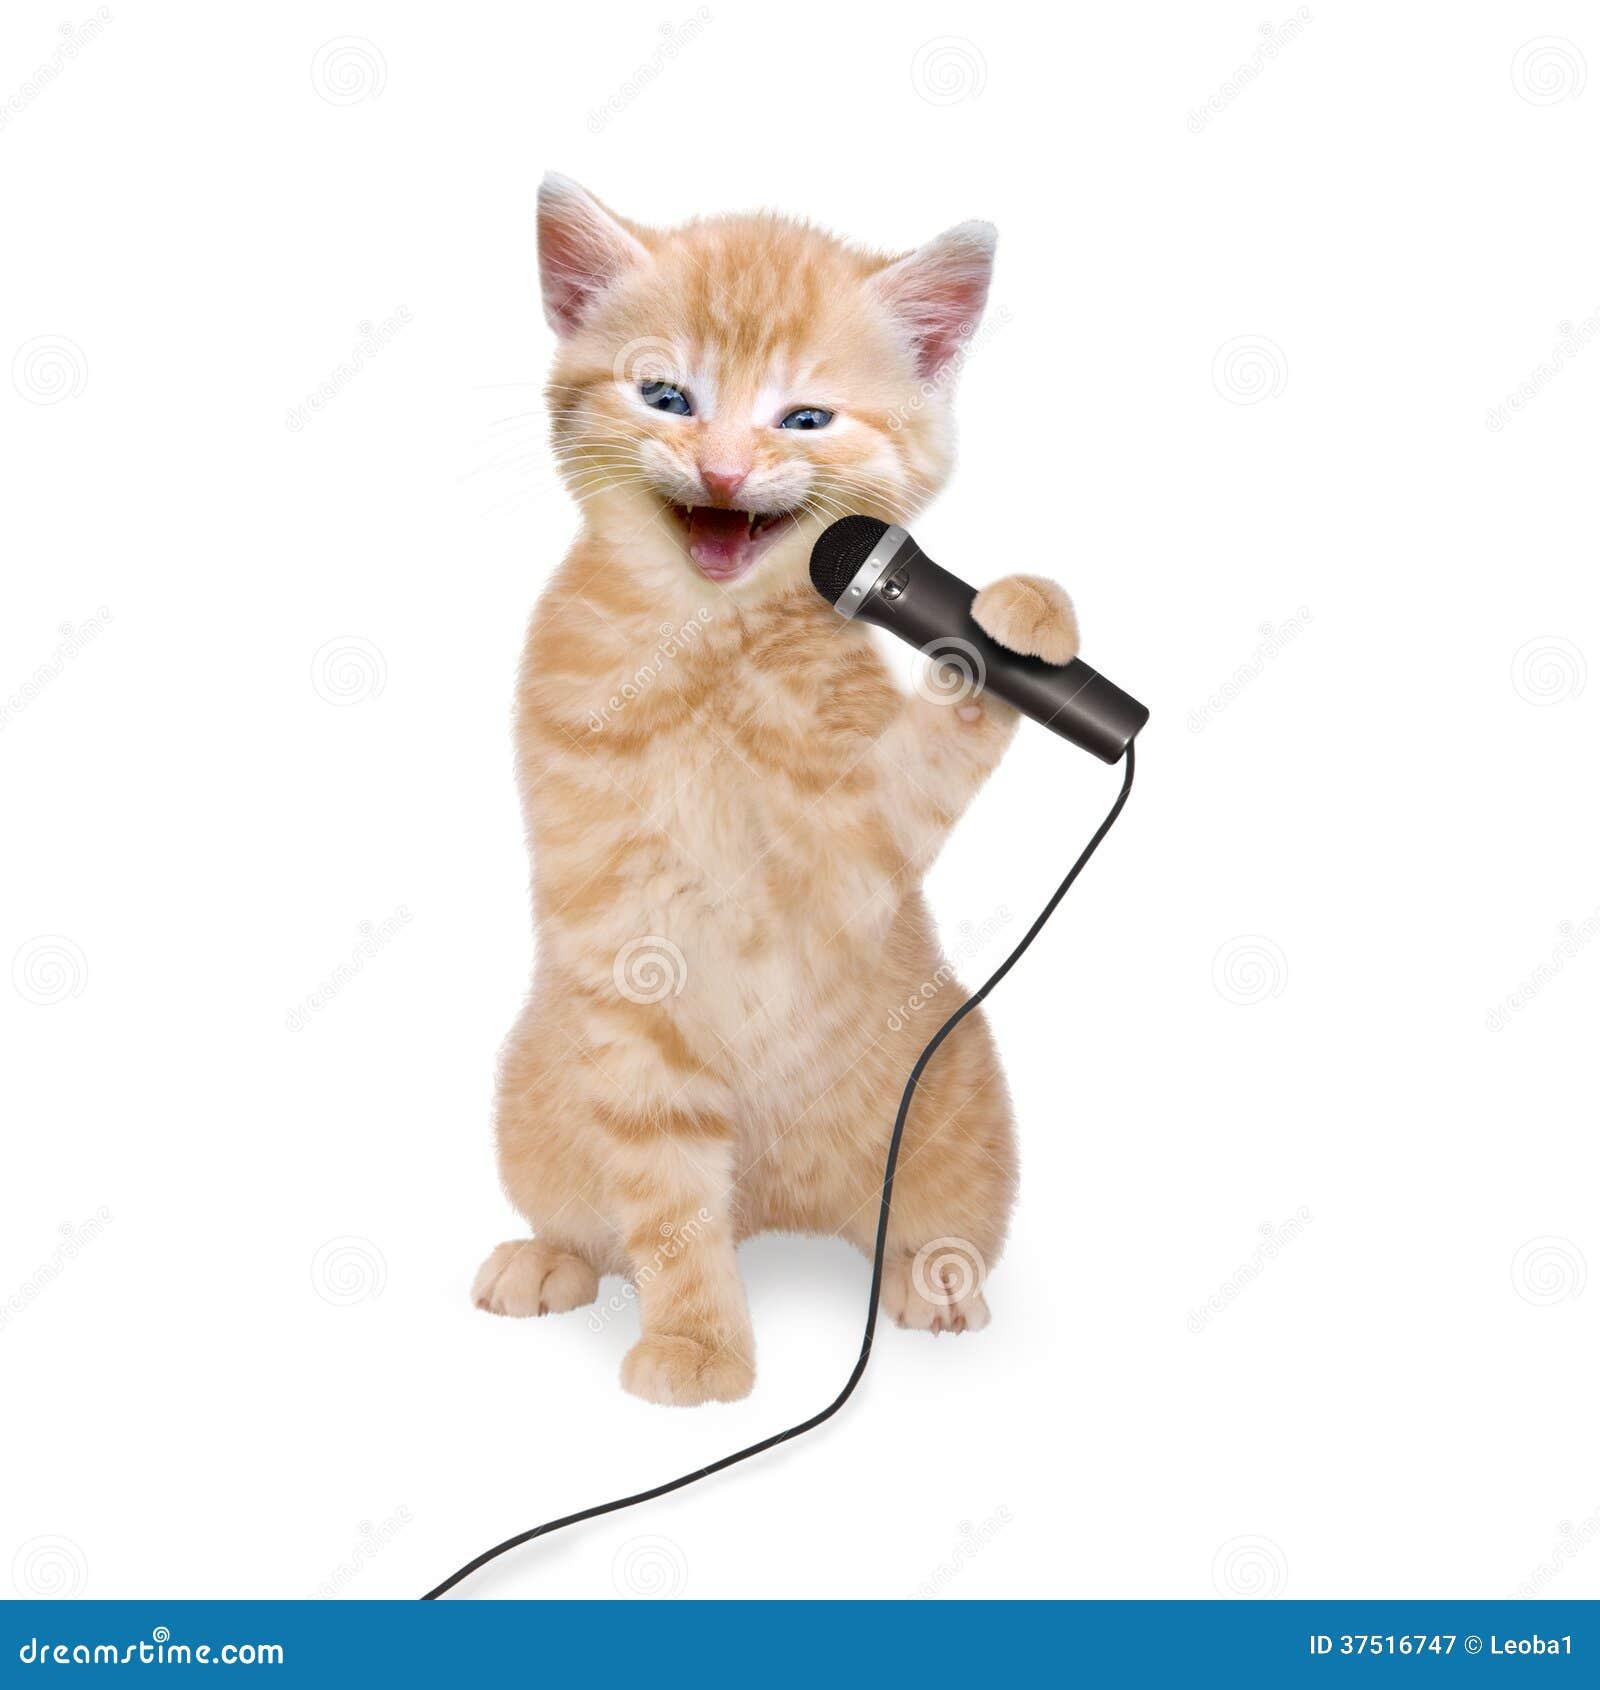 http://thumbs.dreamstime.com/z/gatito-del-gato-que-canta-en-el-micr%C3%B3fono-37516747.jpg